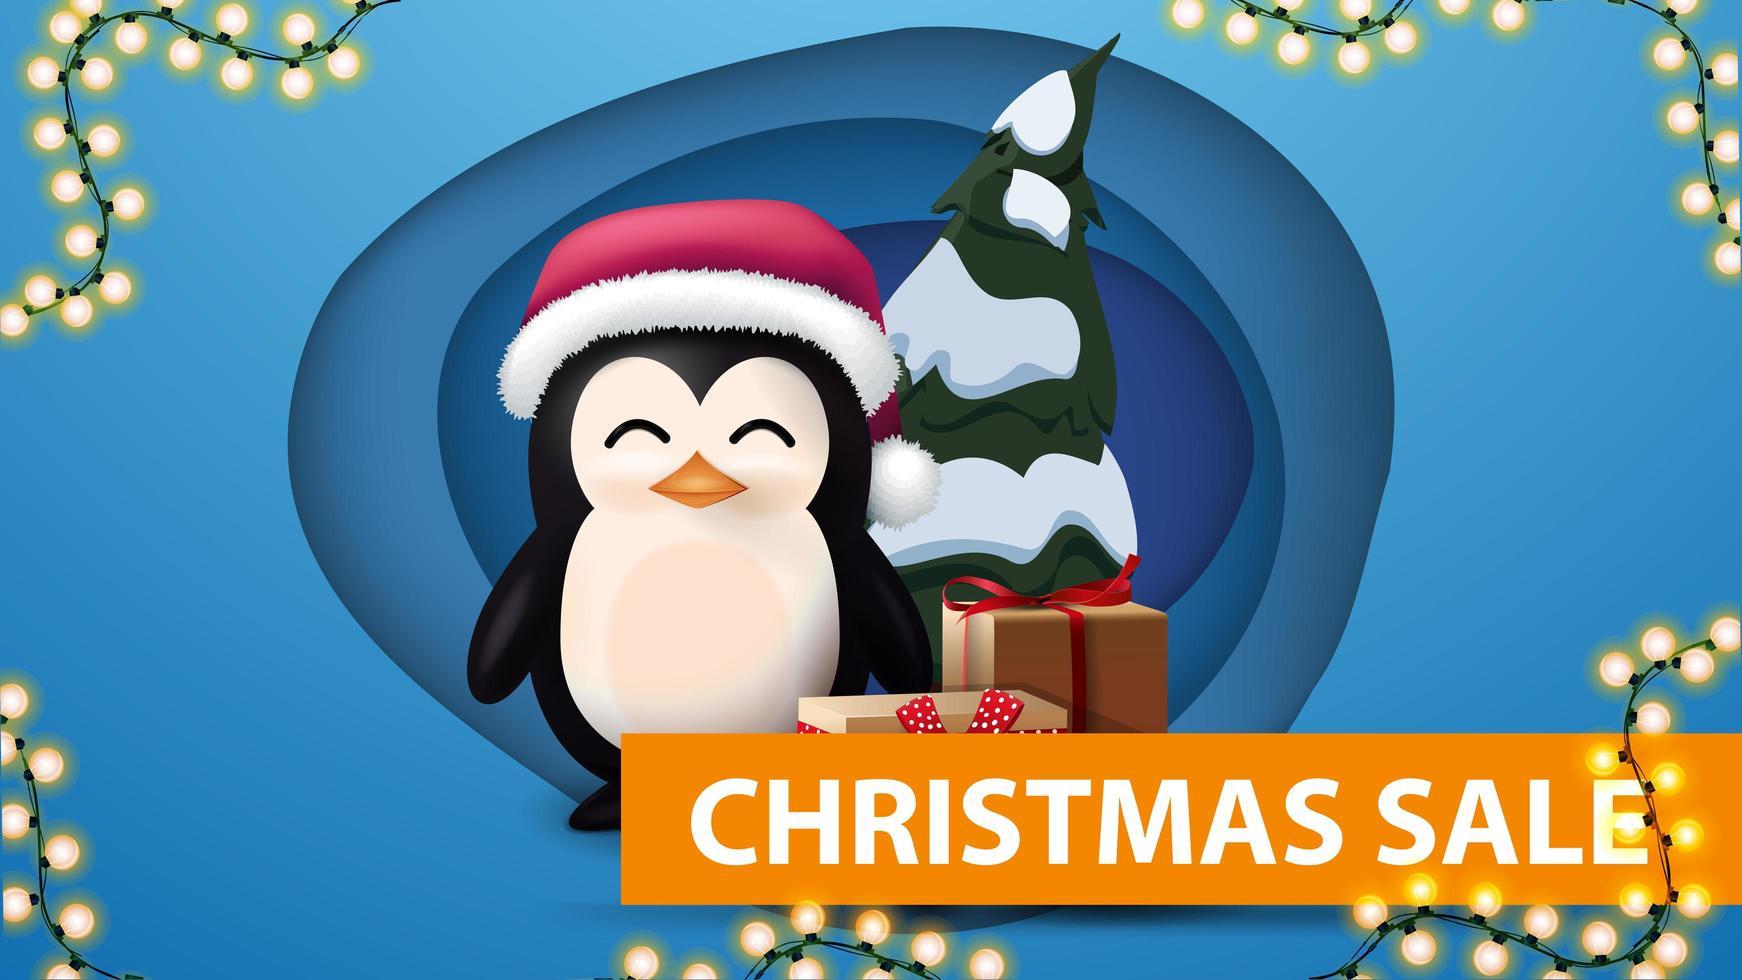 banner de descuento con guirnalda y pingüino vector